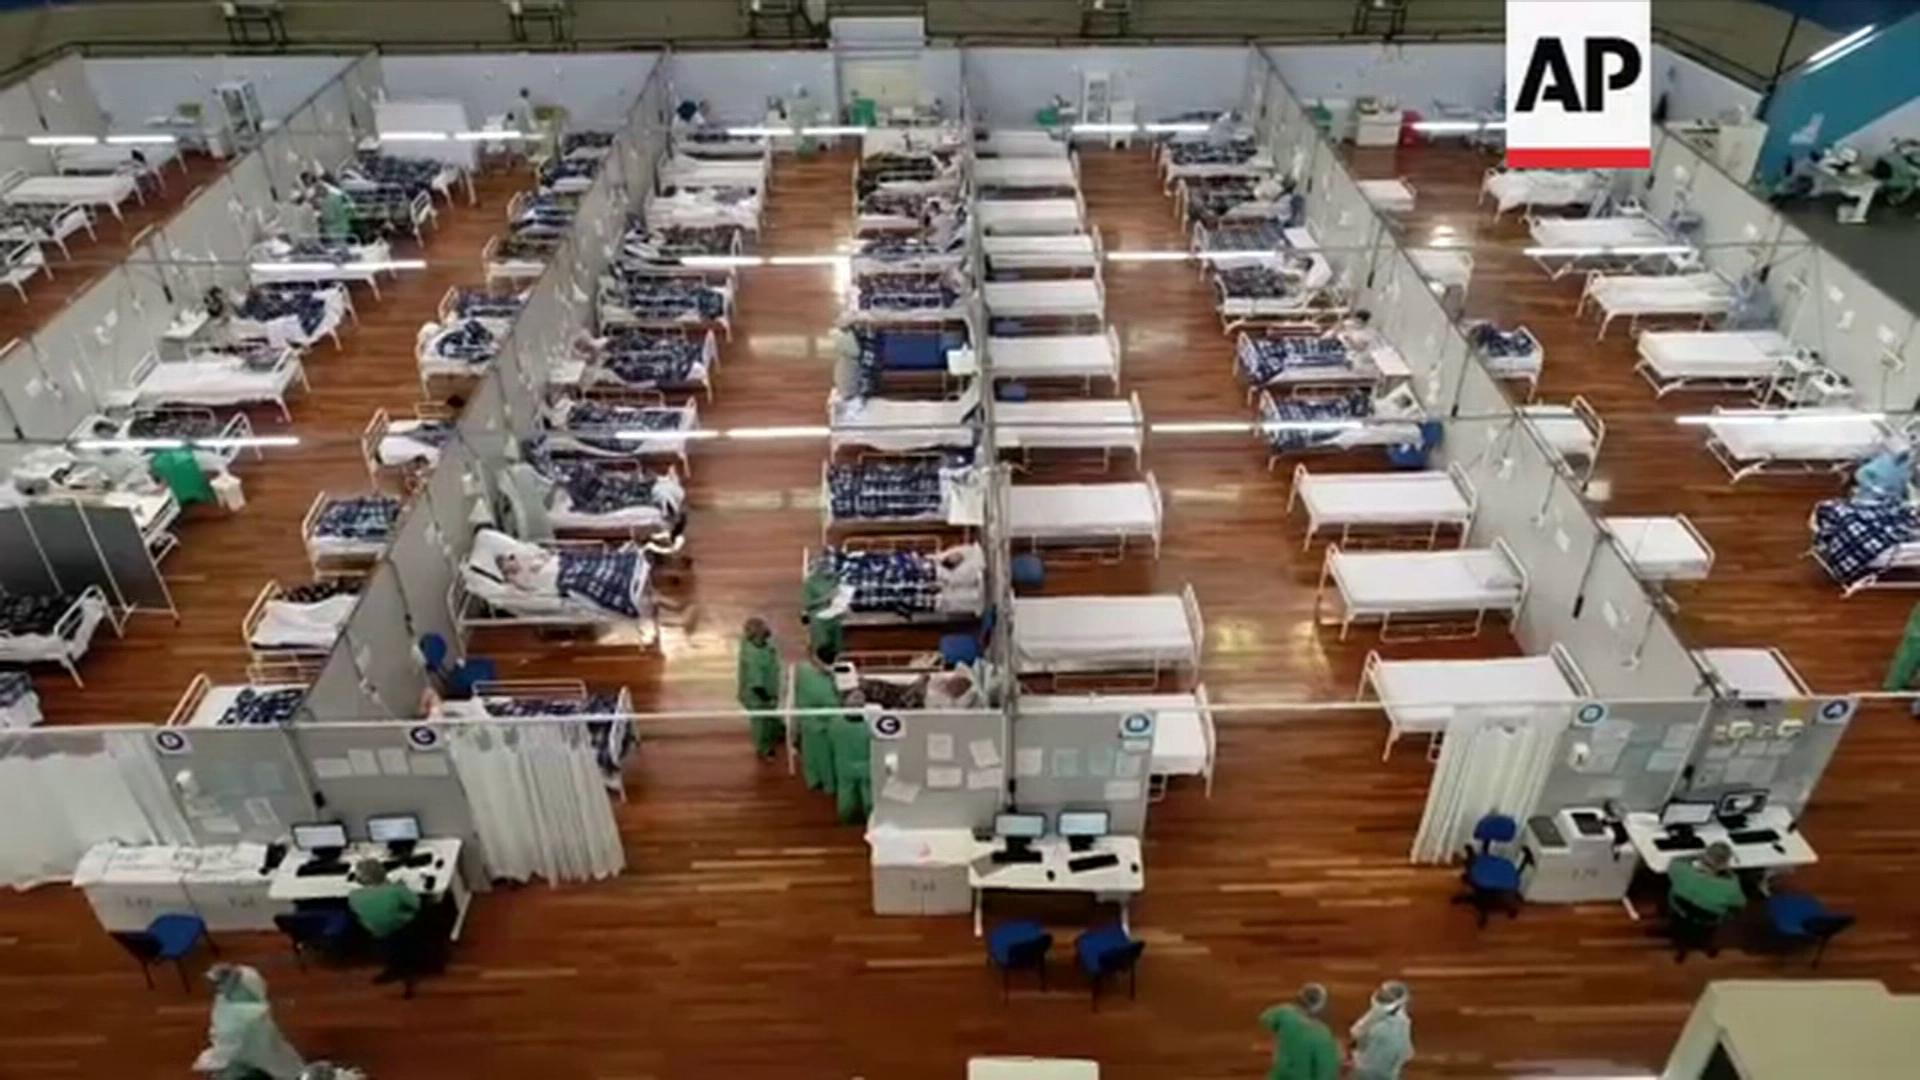 全球確診逼近900萬例 WHO:新危險階段